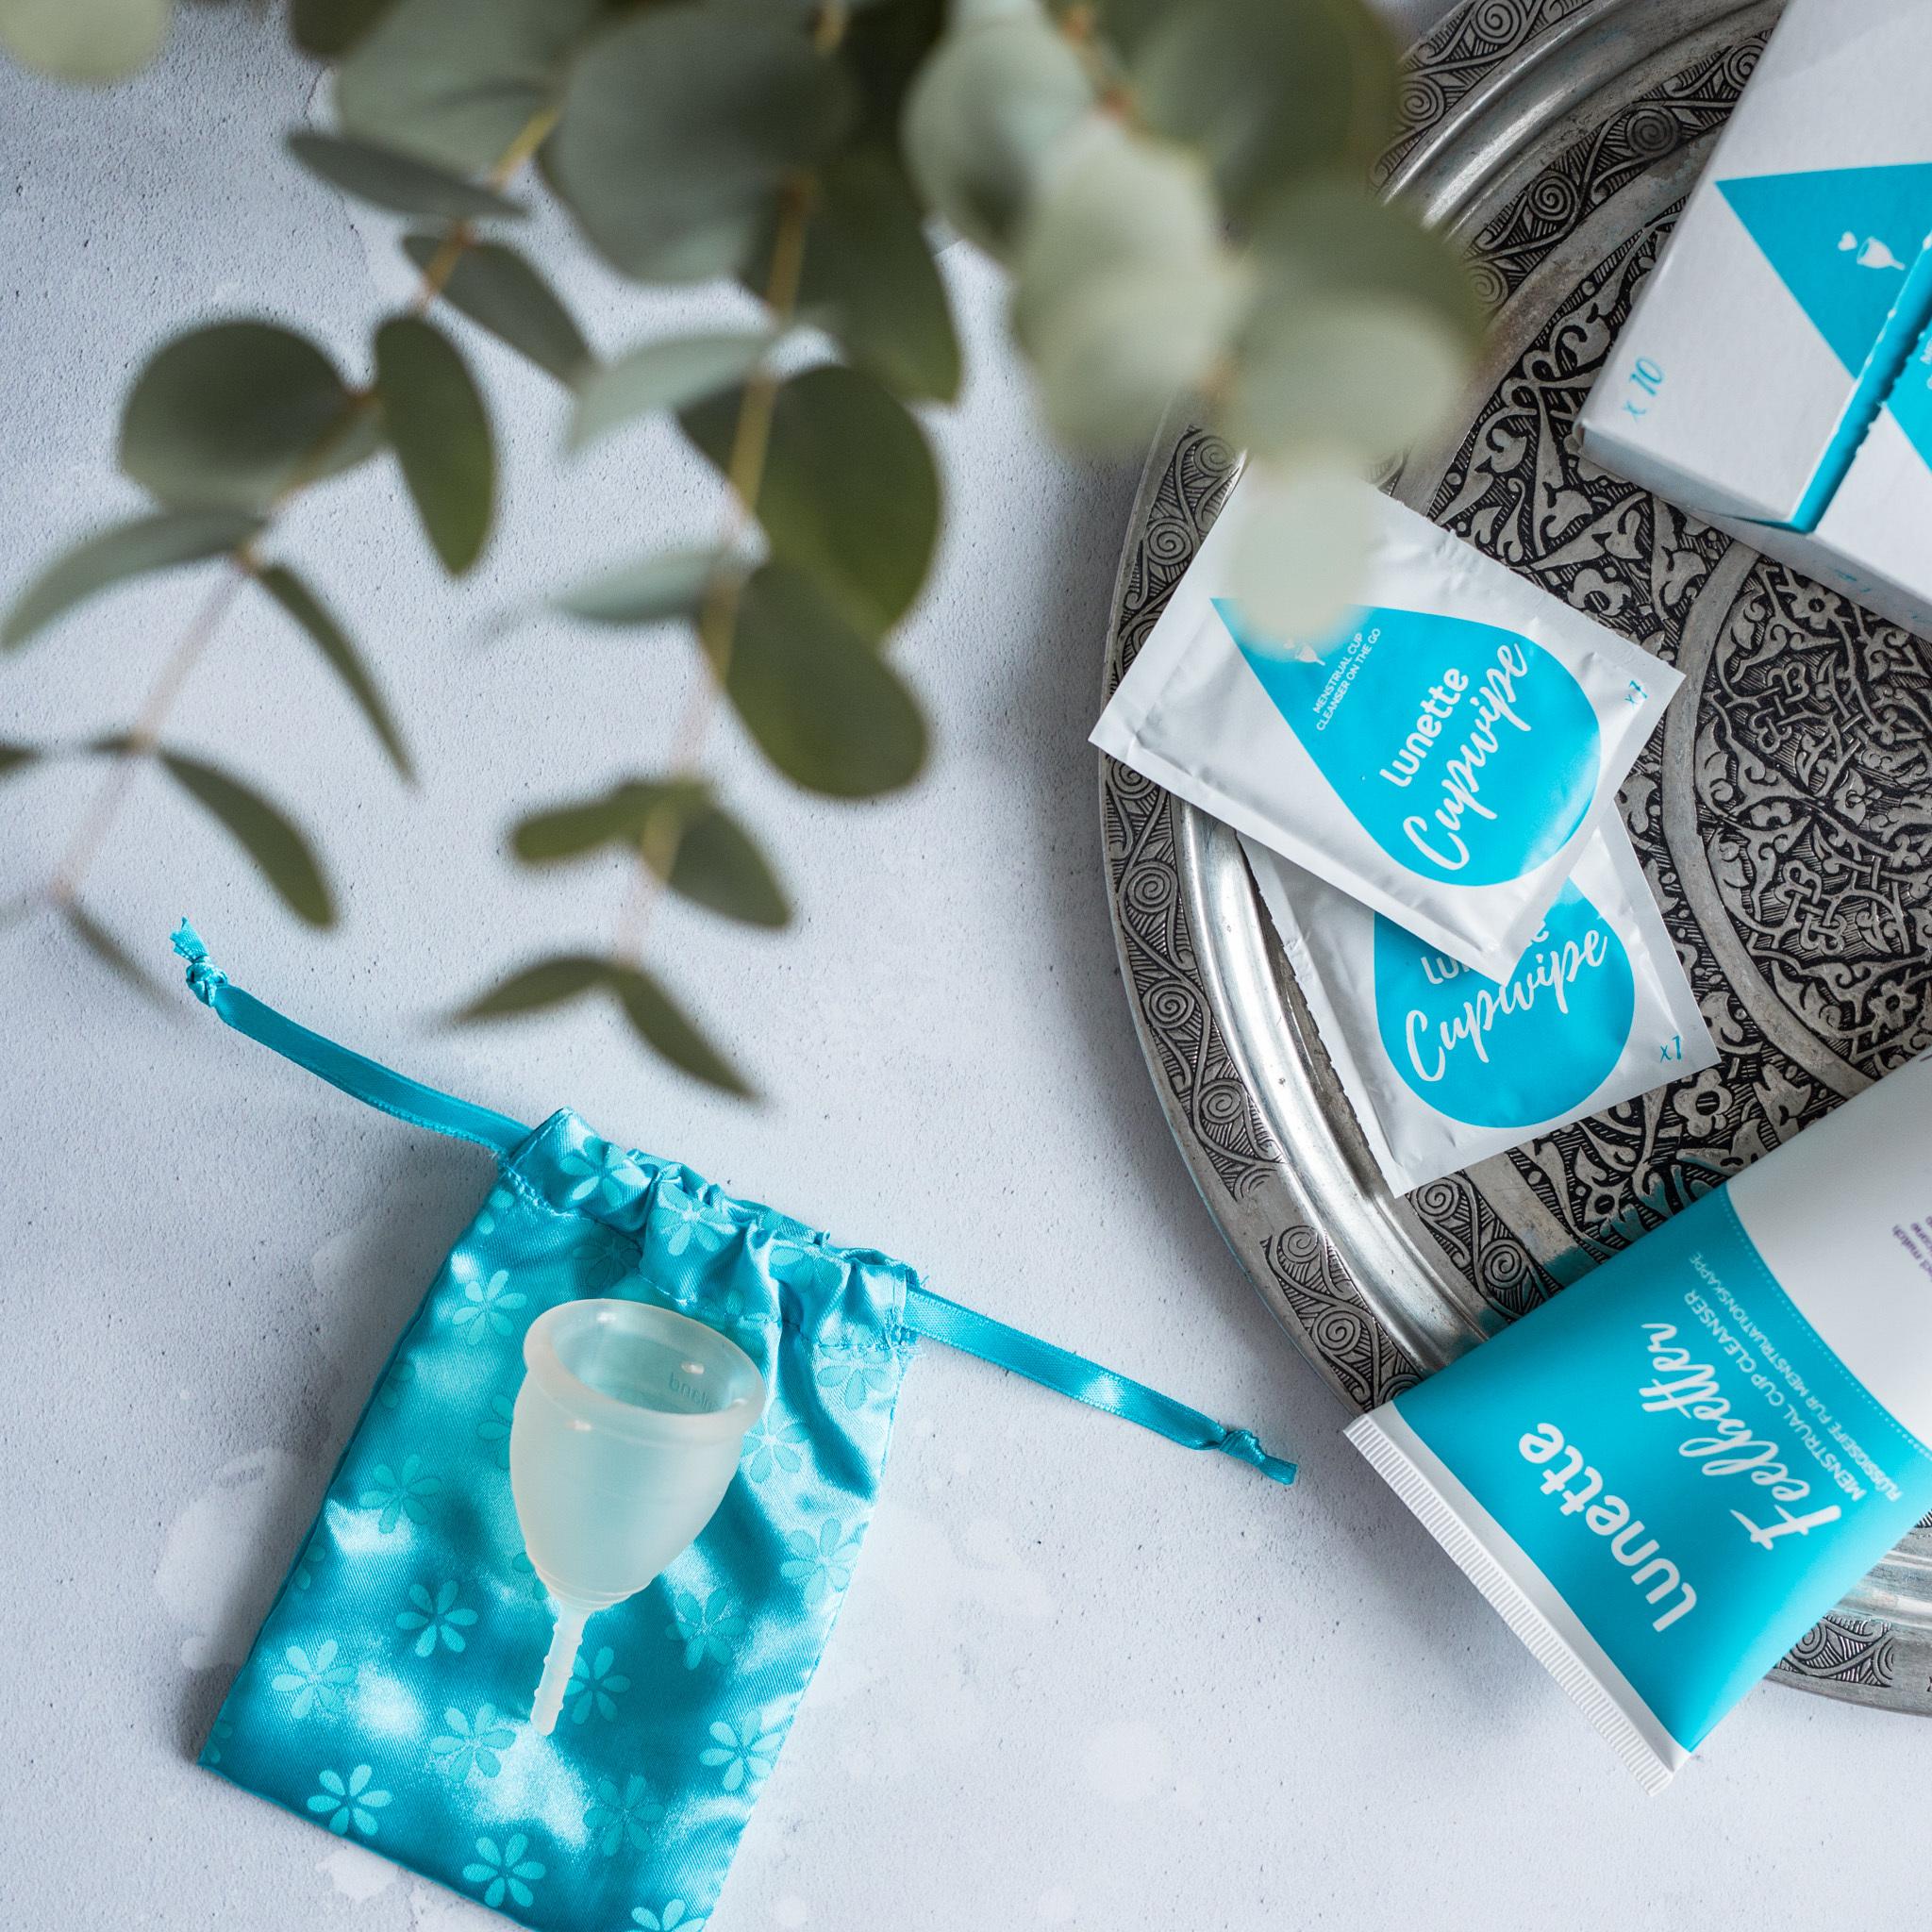 Очищающие салфетки Lunette для менструальных чаш